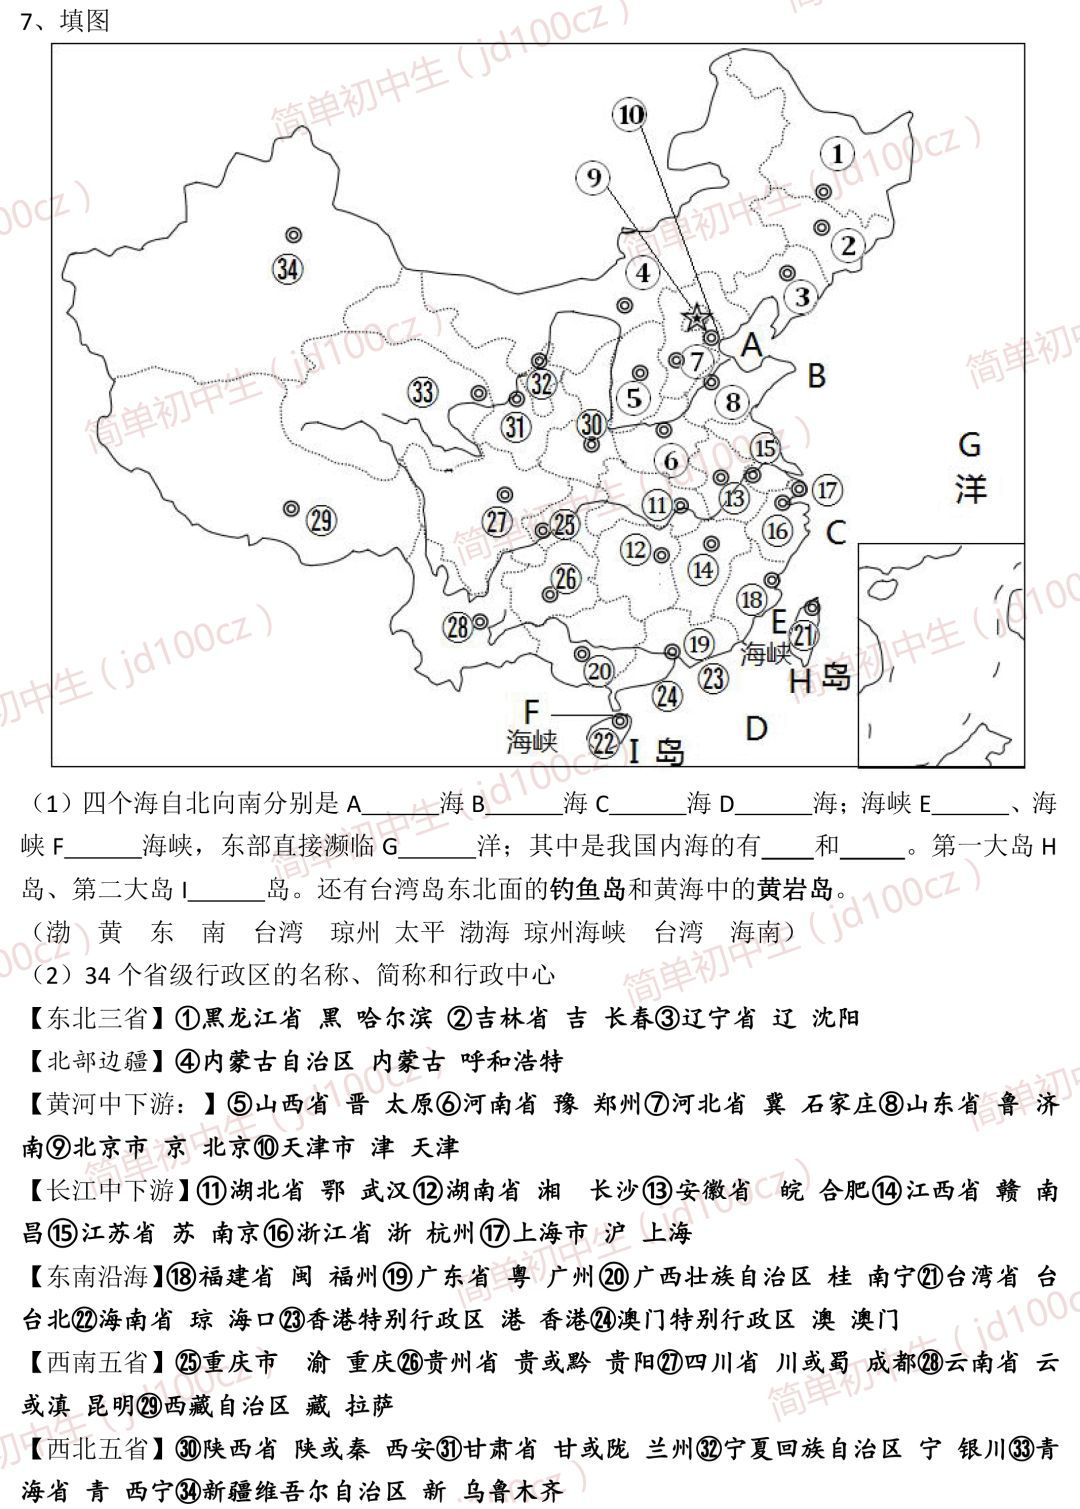 初中地理复习提纲_人教版:八年级地理上册期中复习提纲(高清图超详细)_图片